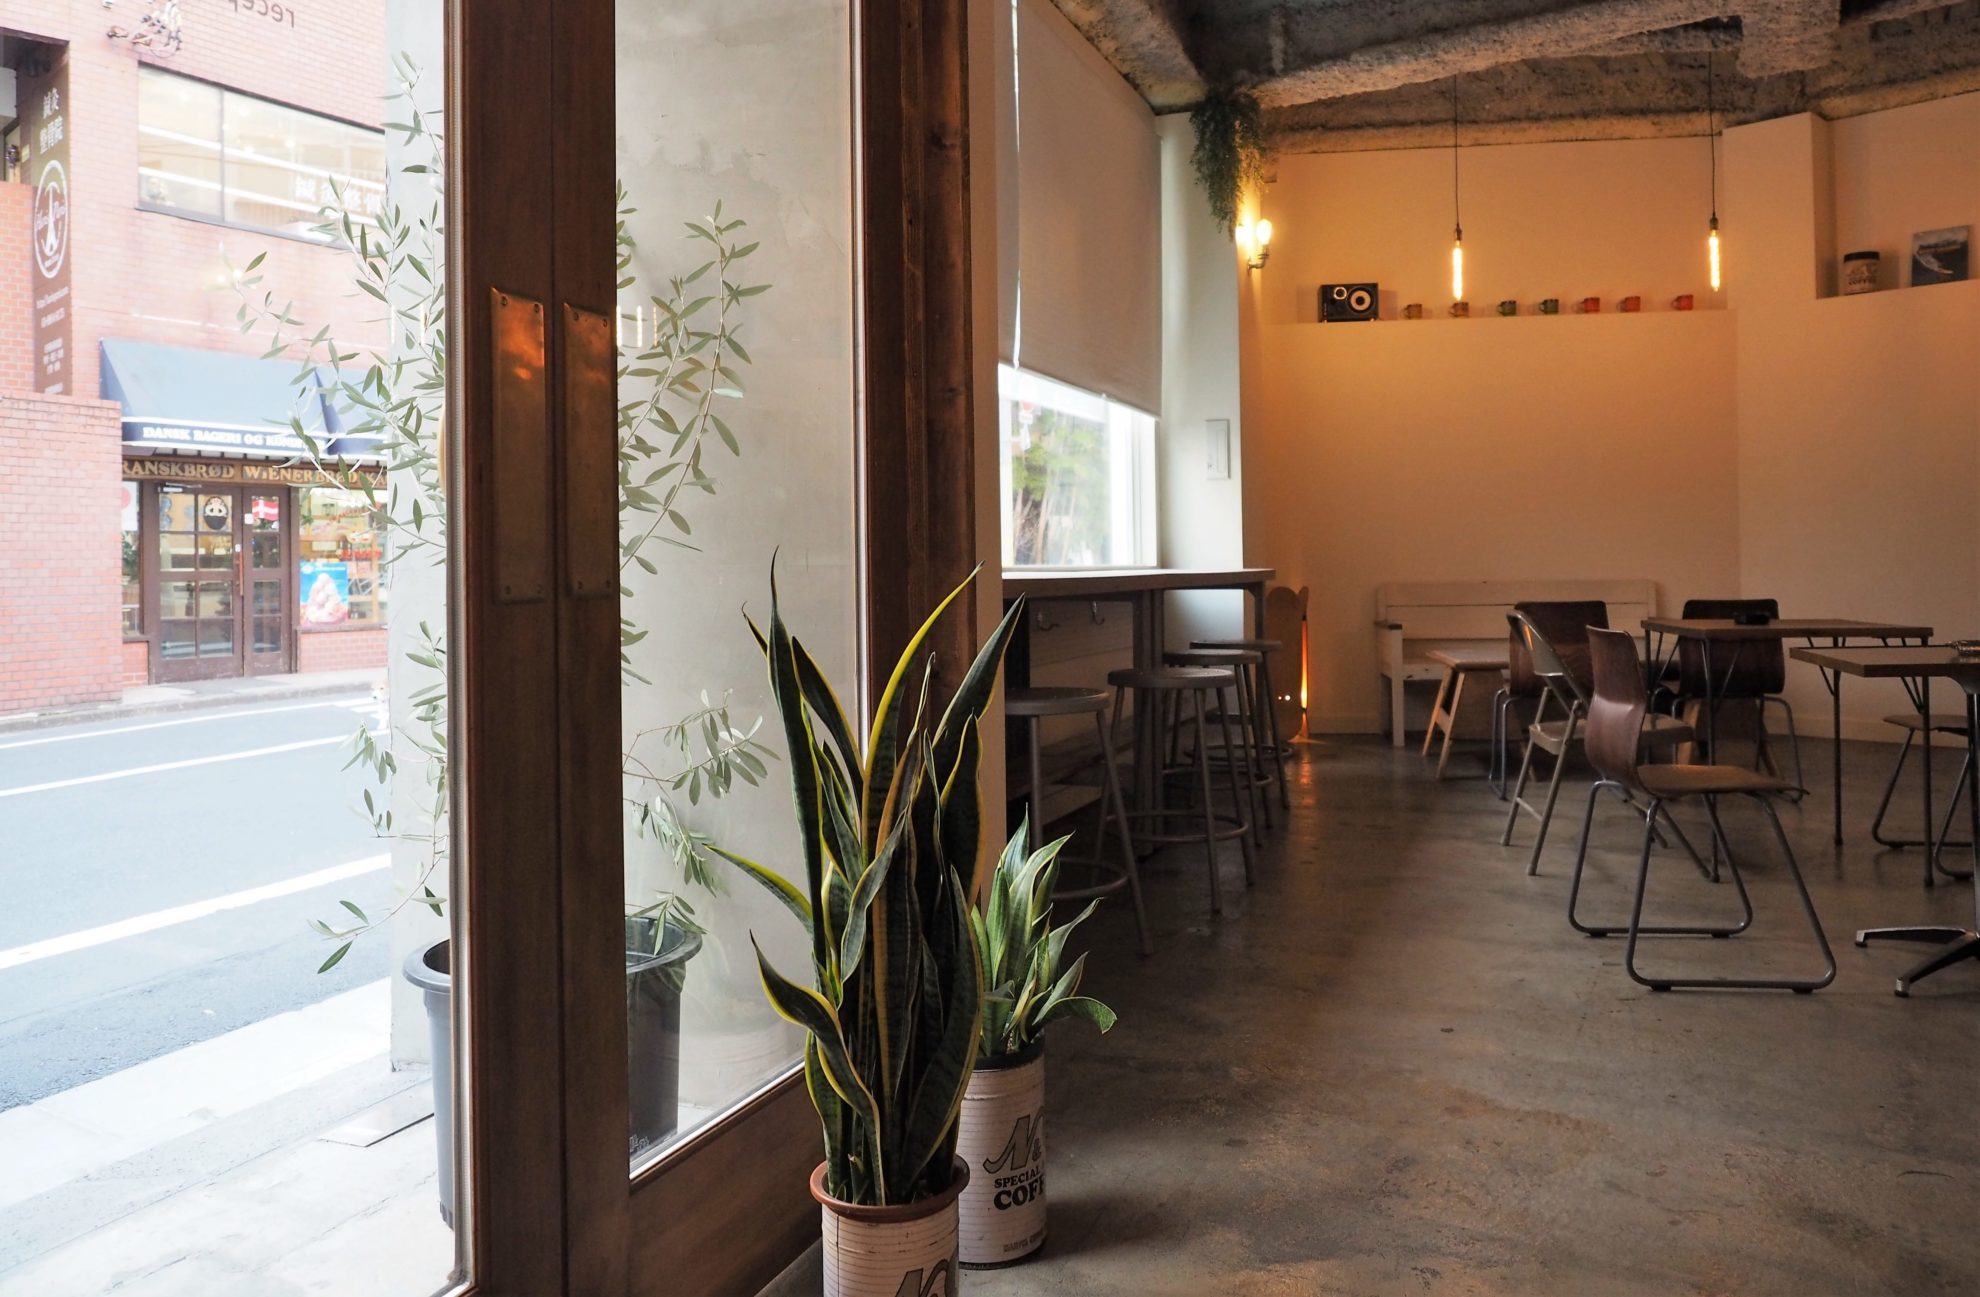 almond hostel & cafe SHIBUYA/TOKYO